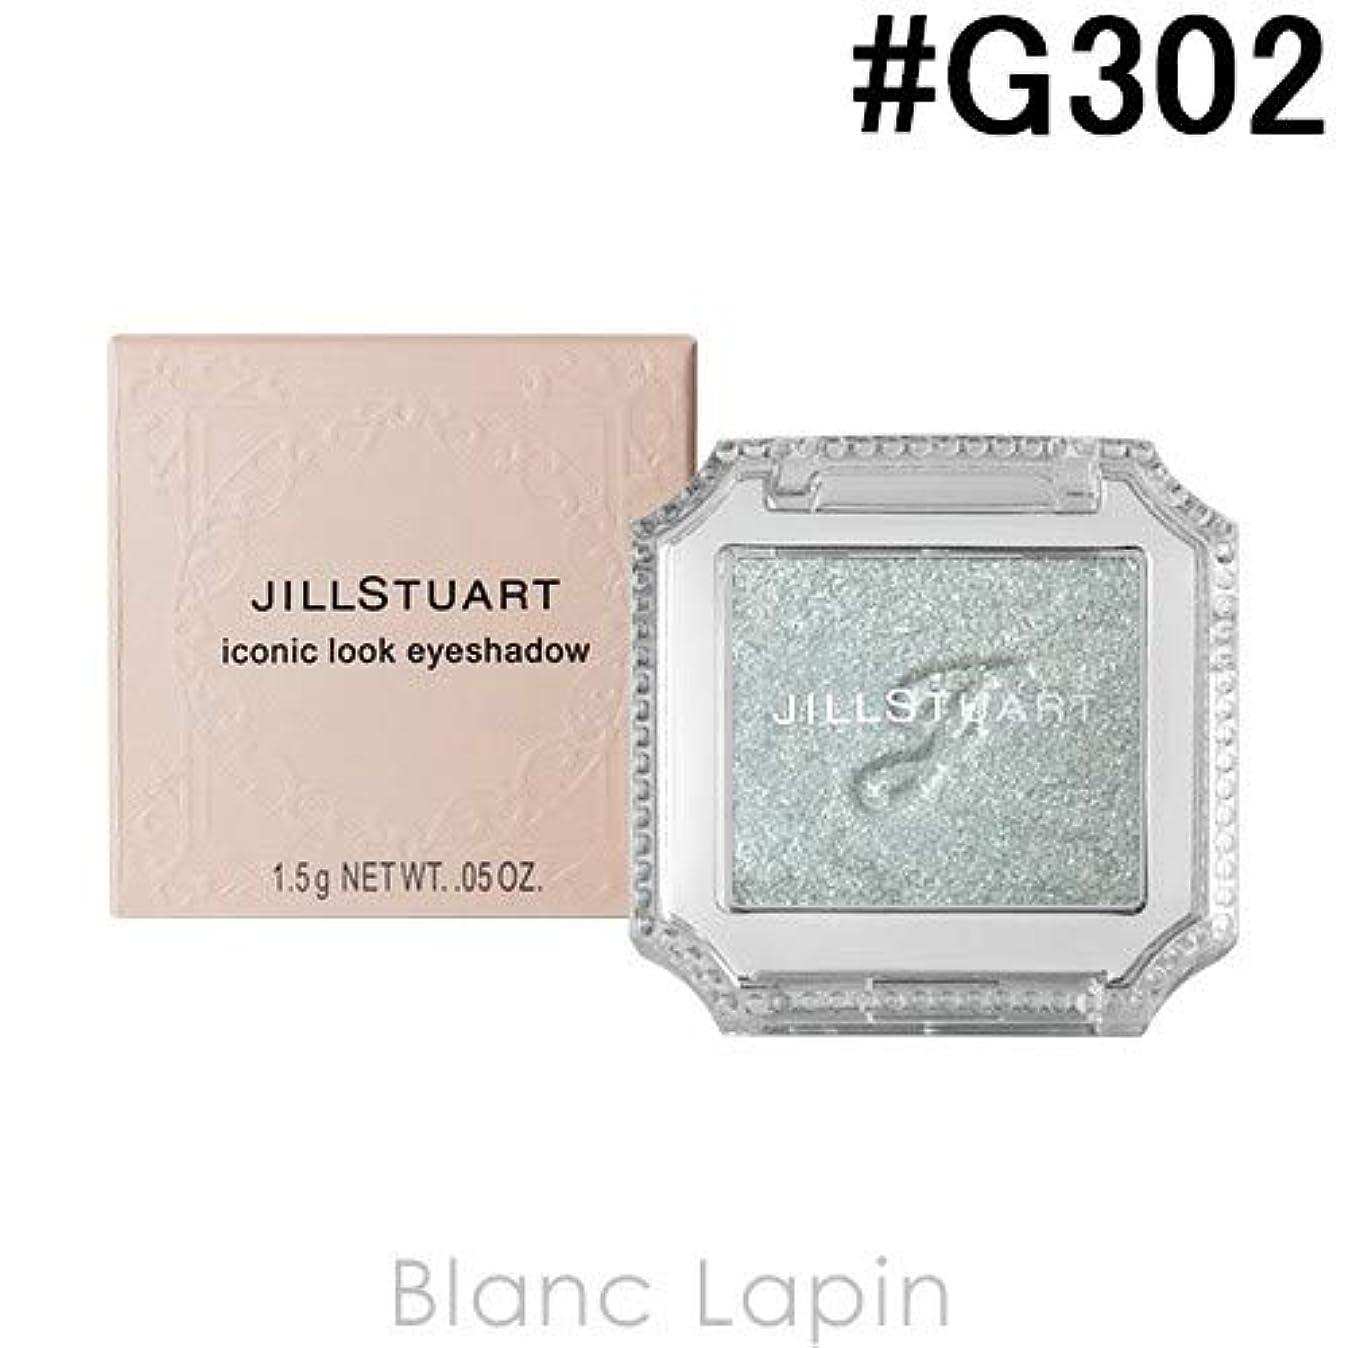 面積ぬるい警察署ジルスチュアート JILL STUART アイコニックルックアイシャドウ #G302 my darling 1.5g